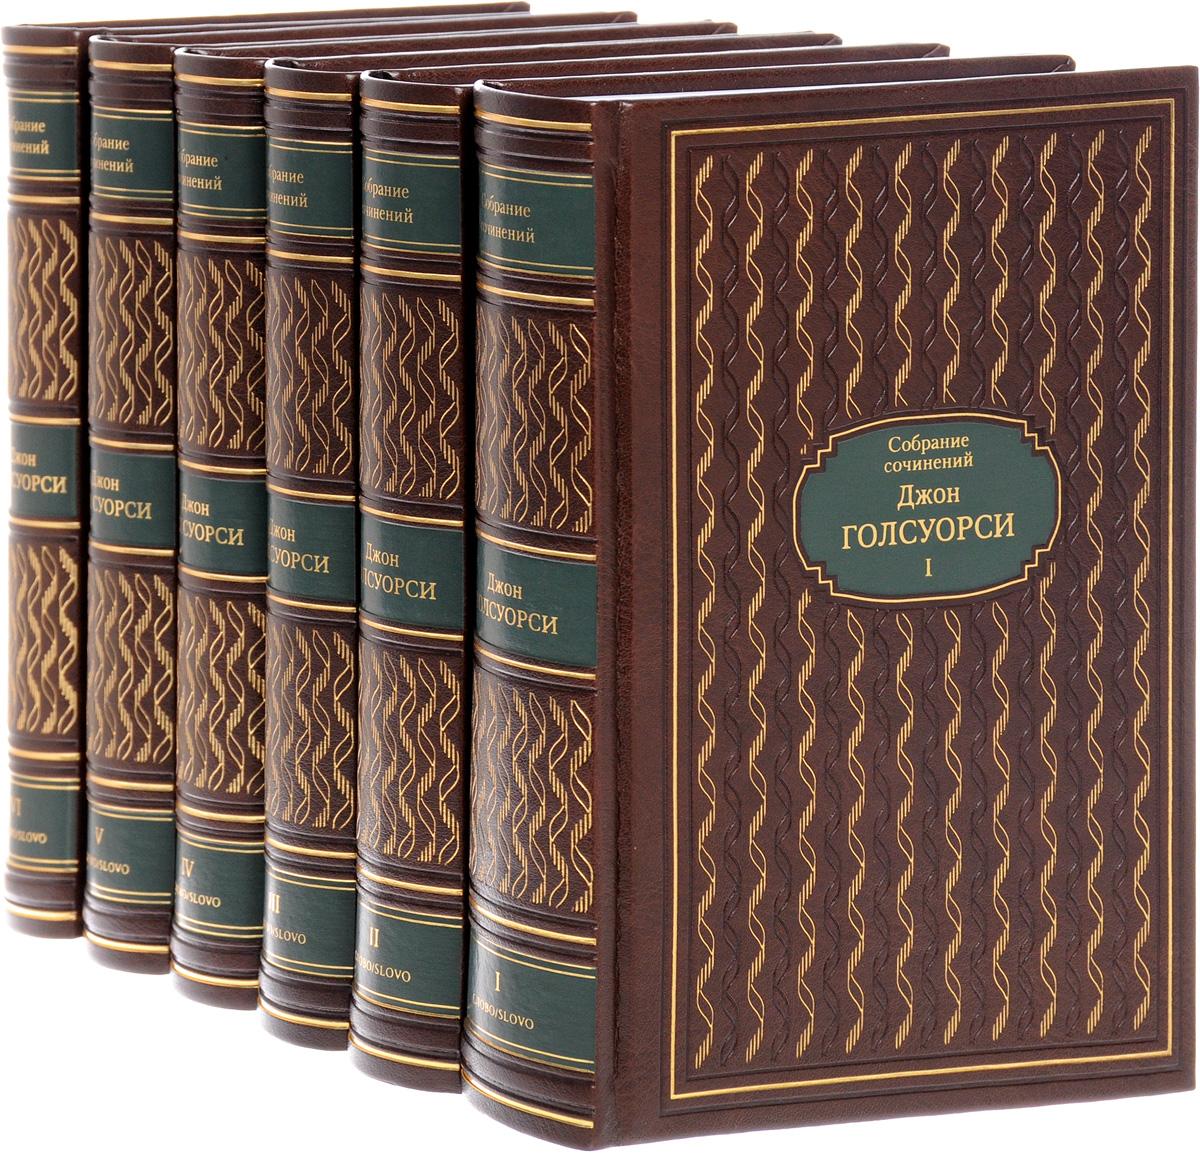 Джон Голсуорси. Собрание сочинений в 6 томах (подарочное издание)